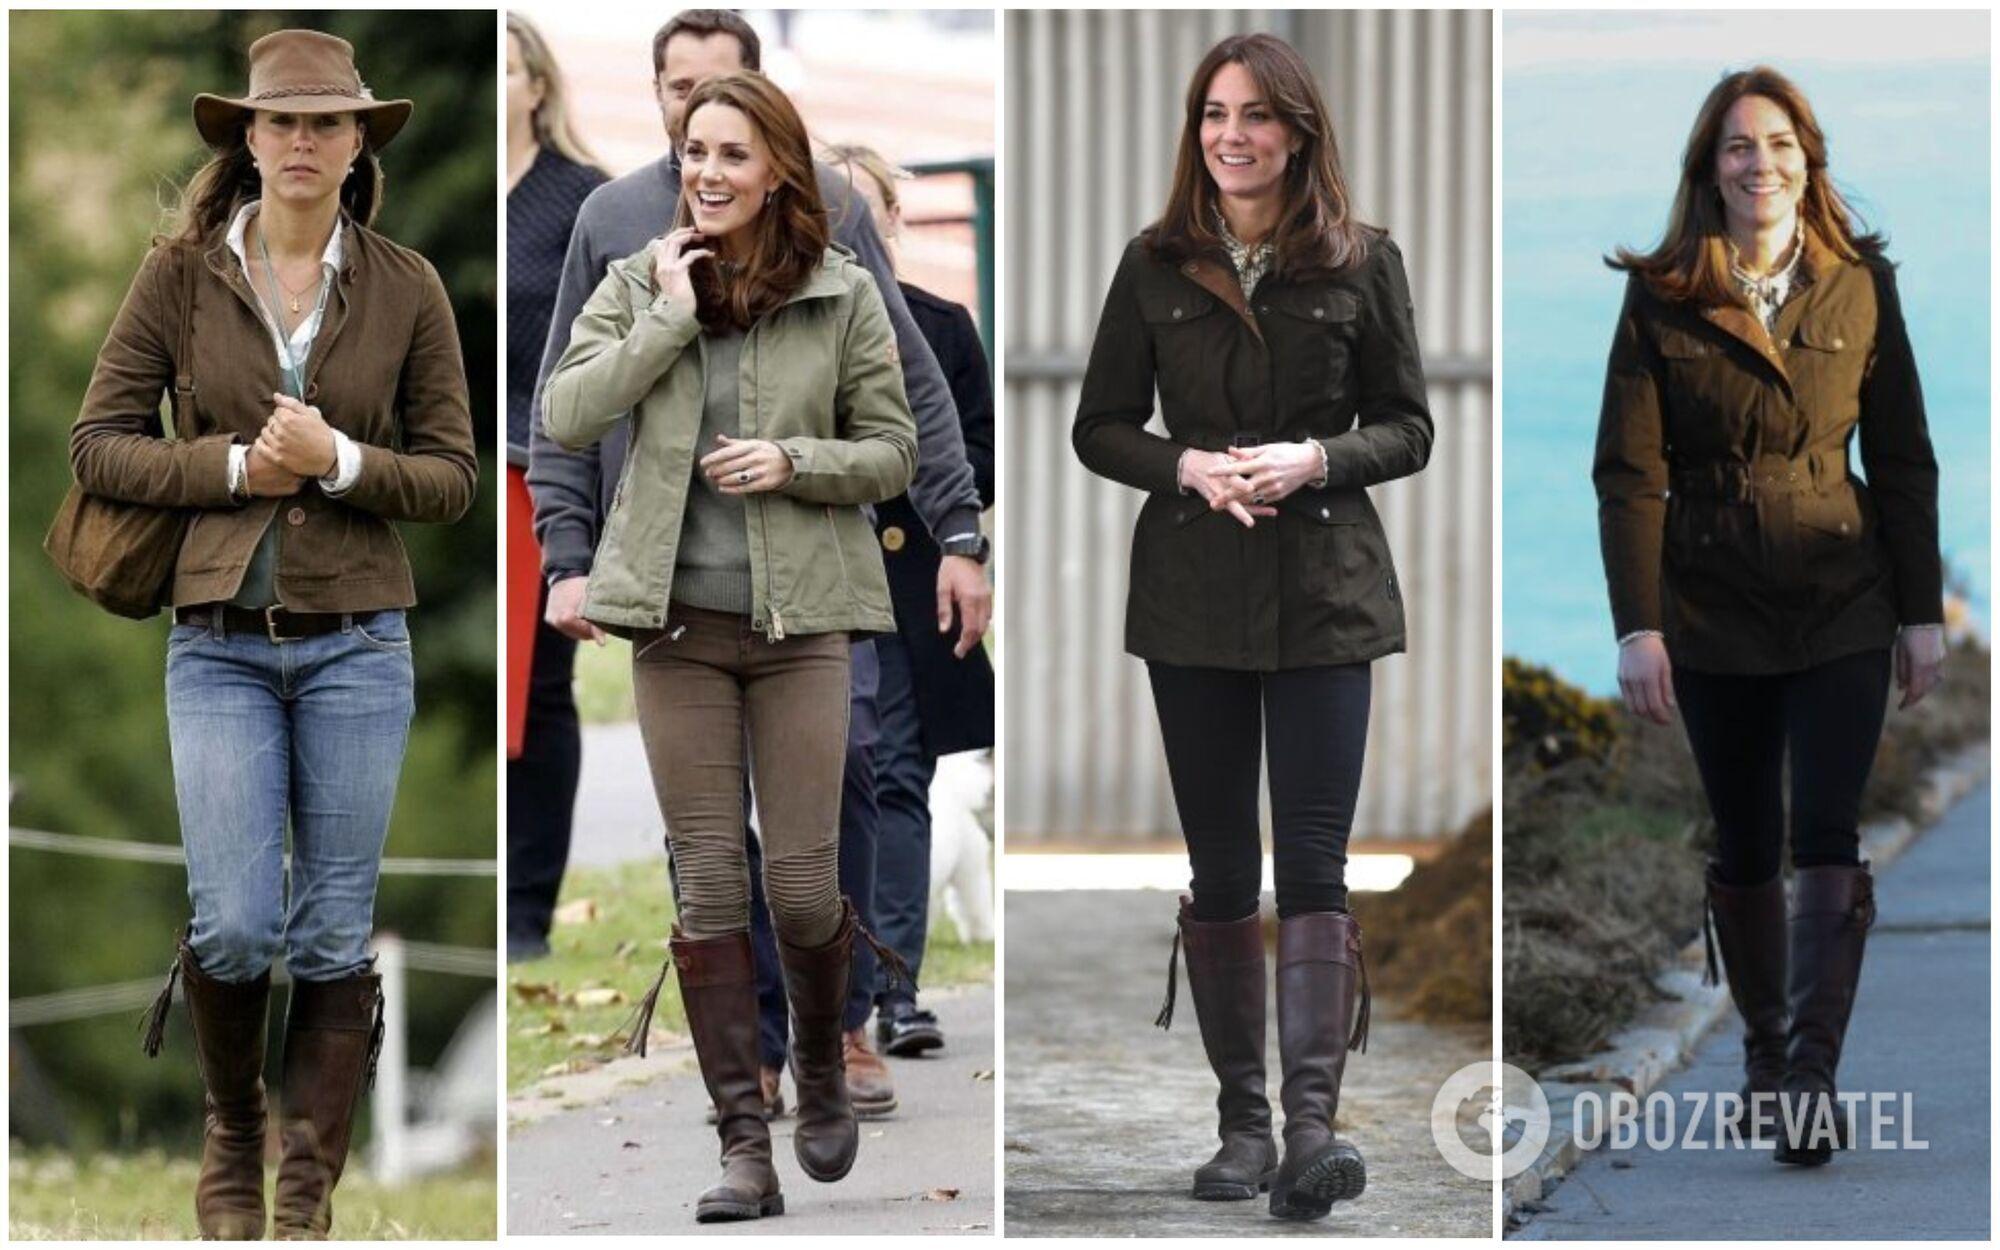 У 39-річної герцогині Кембриджської також є улюблений елемент гардеробу – чоботи Penelope Chilvers